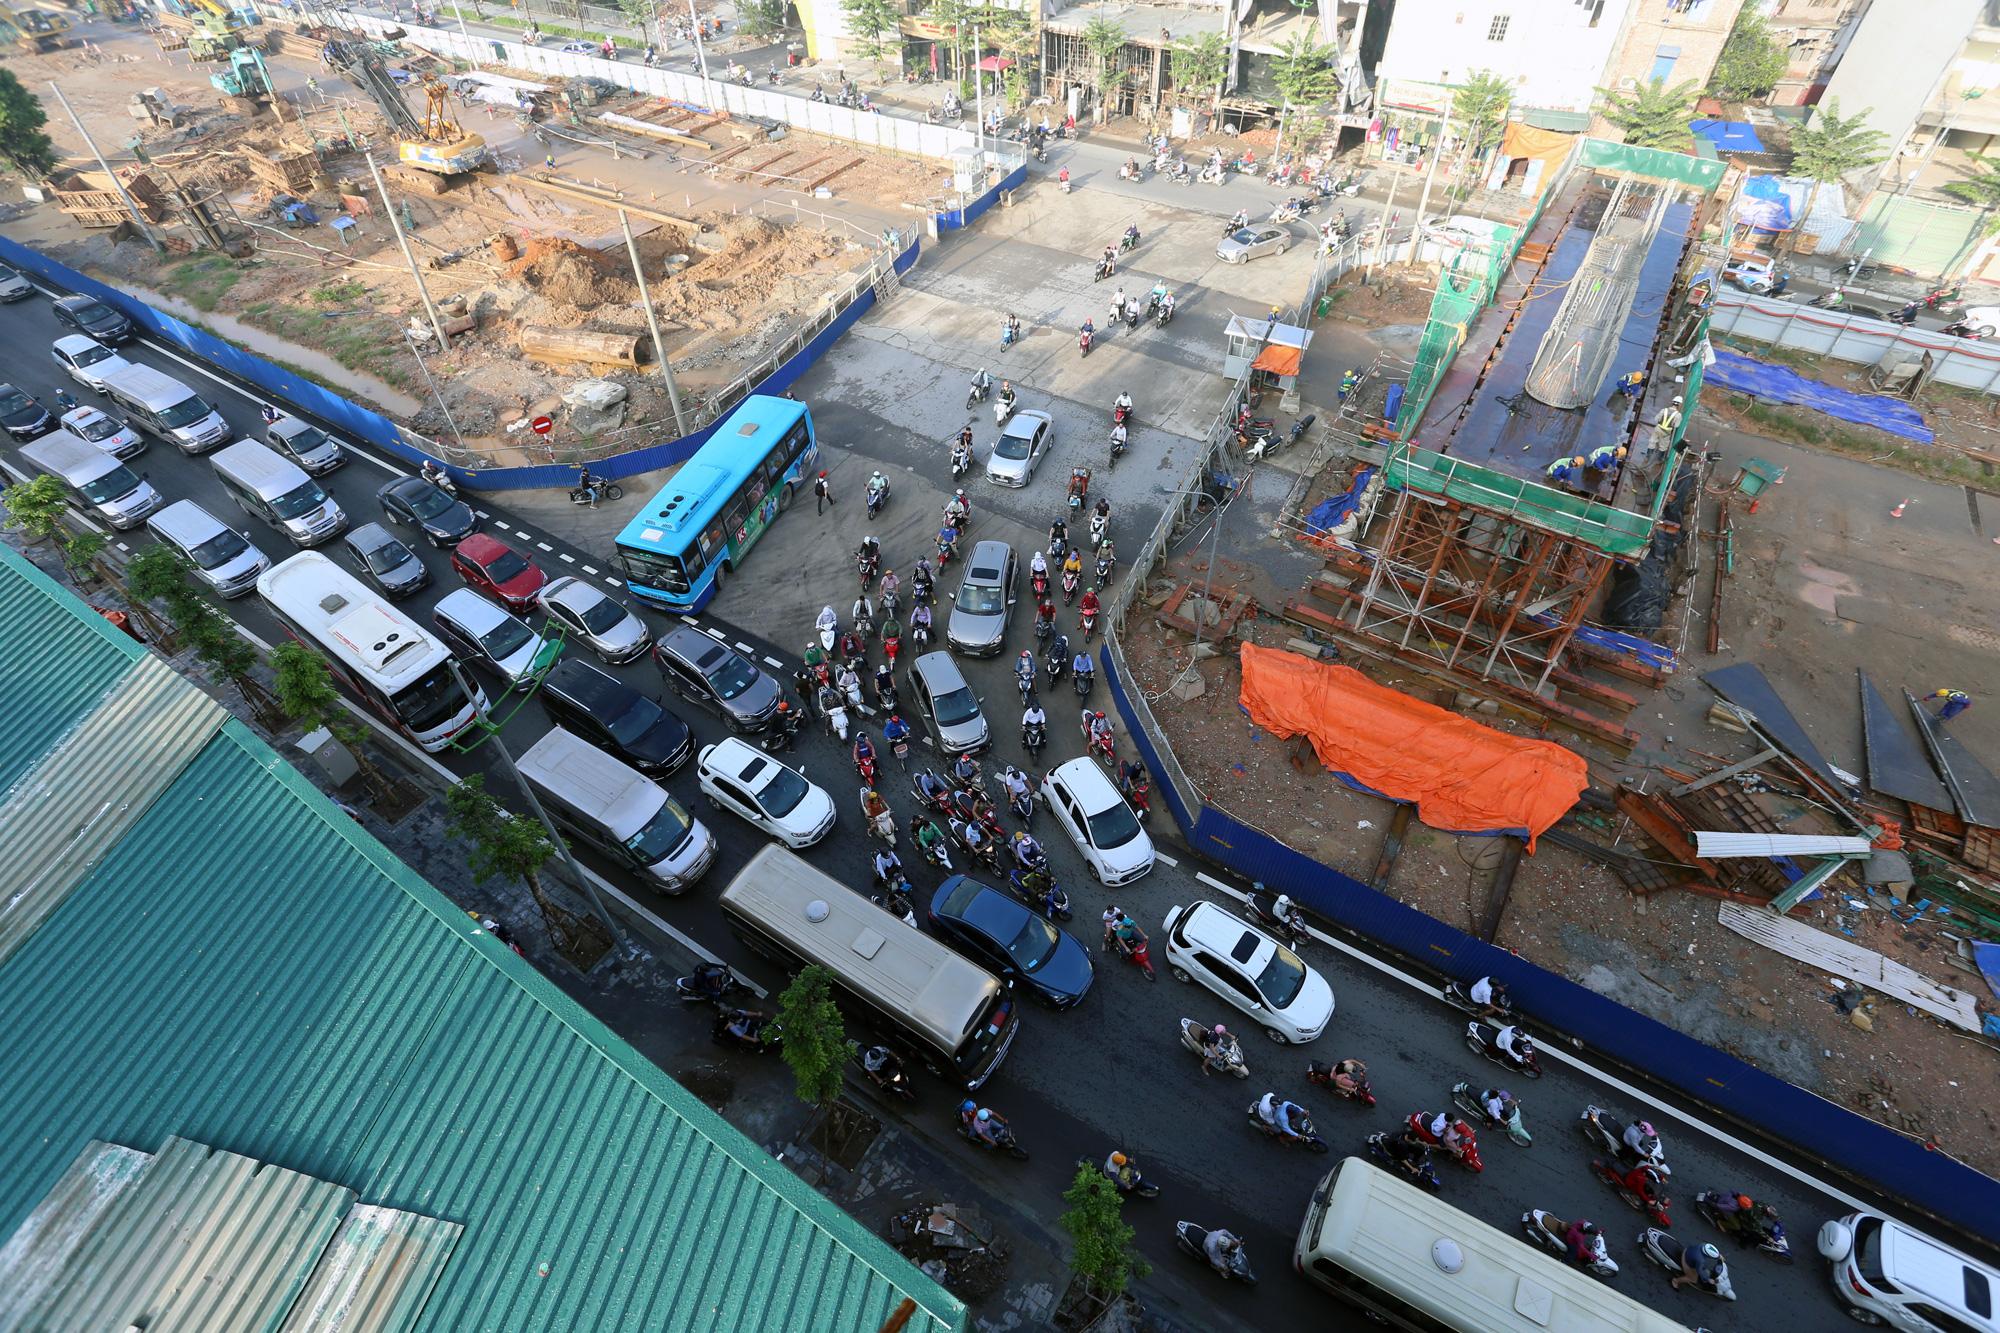 Tiếp tục rào chắn, phân luồng đường Phạm Văn Đồng 6 tháng để thi công cầu cạn - Ảnh 3.